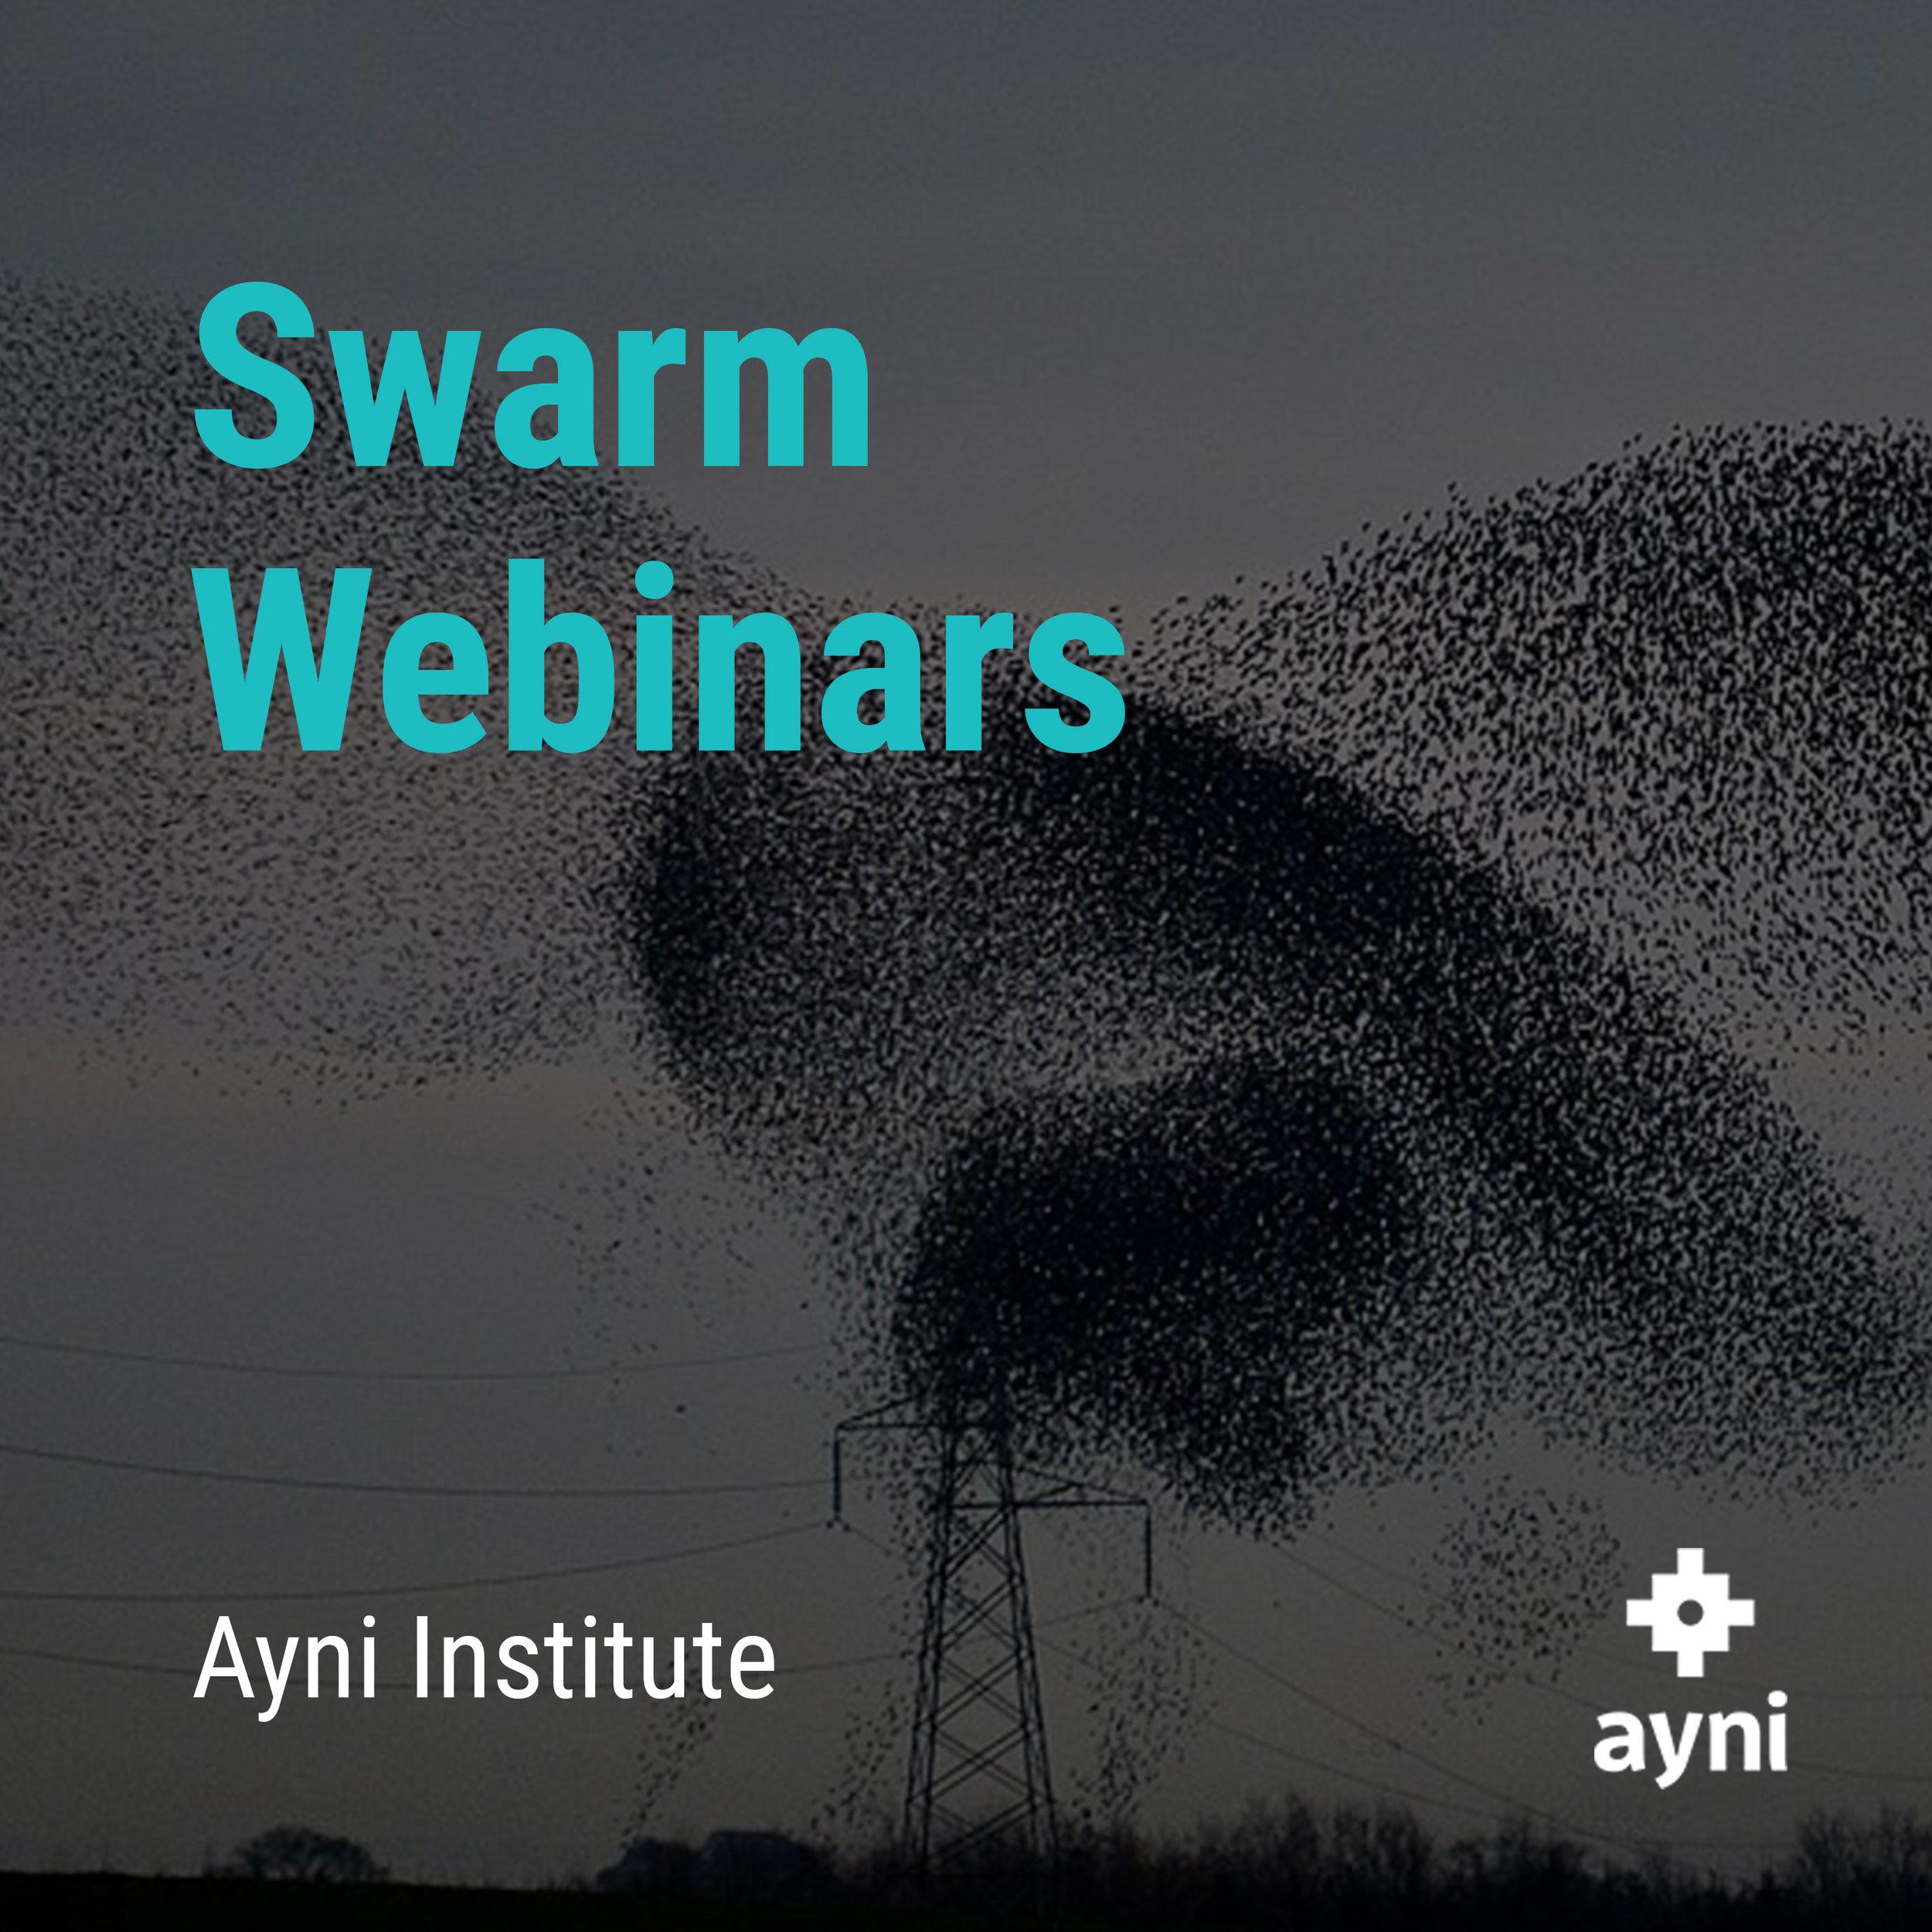 swarm-webinars.jpg